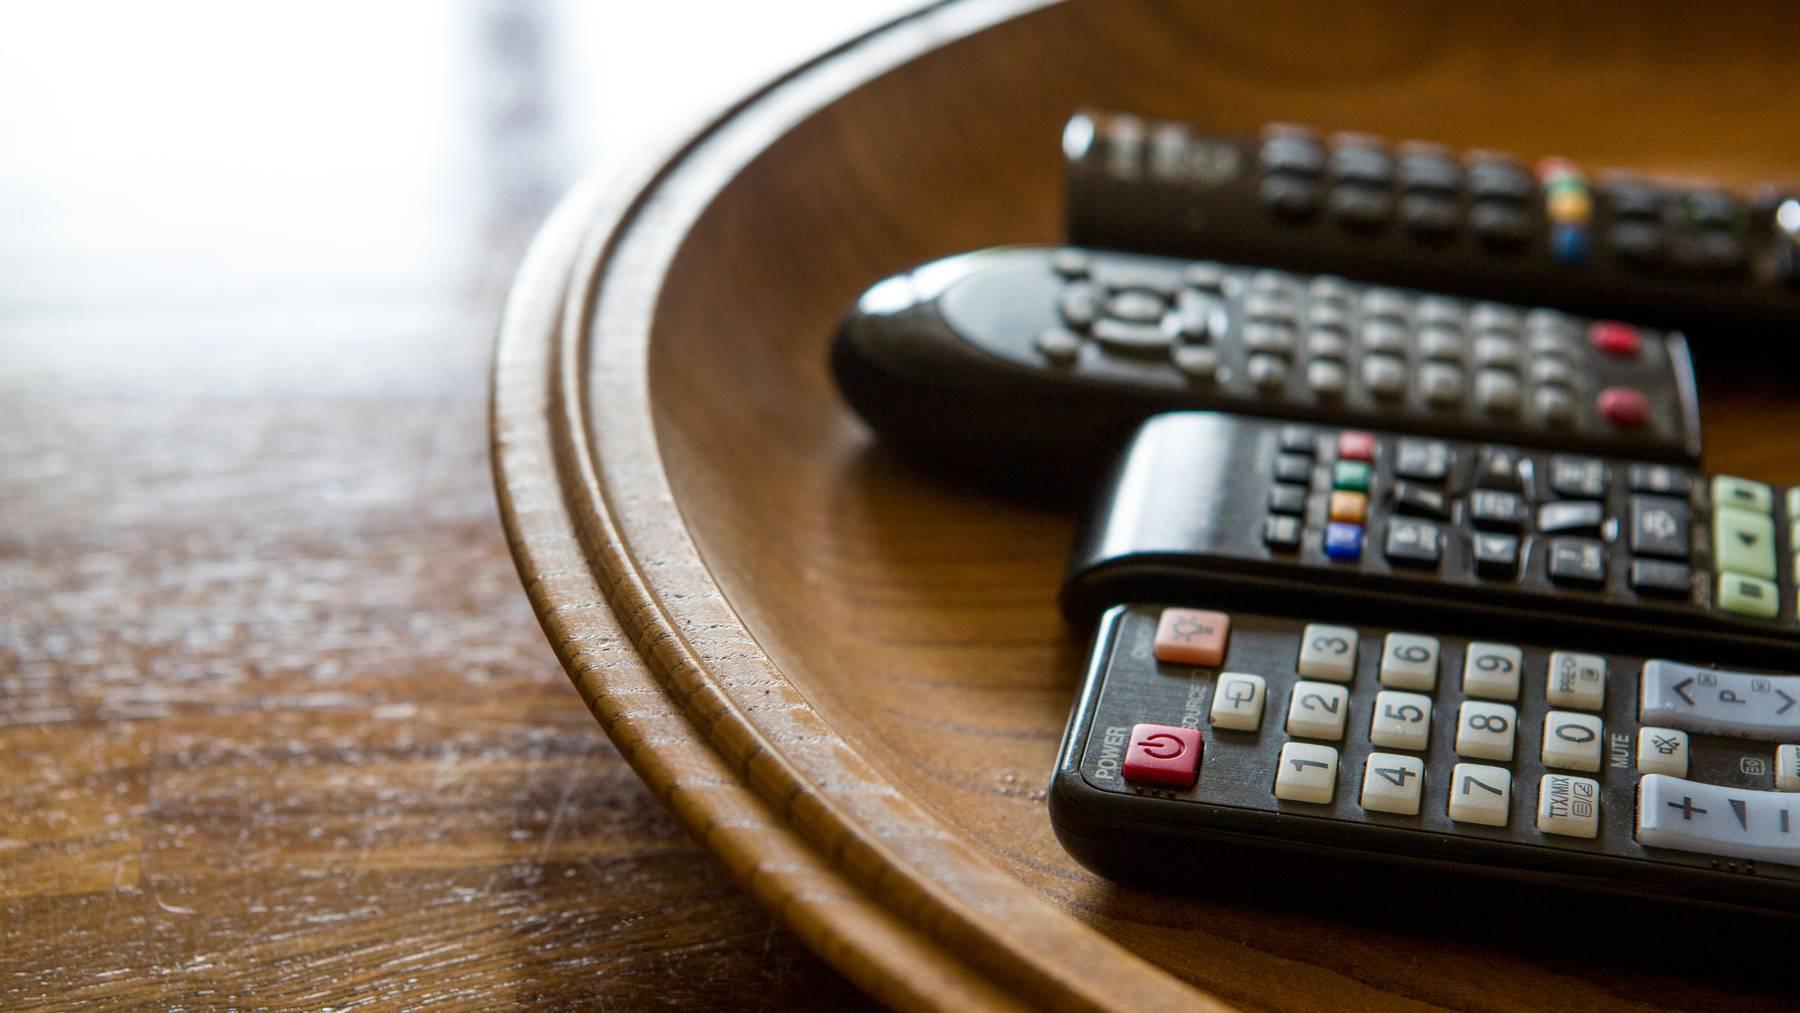 Öffentliche und private Fernsehsender melden für das erste Halbjahr Rekordwerte bei den Zuschauern.